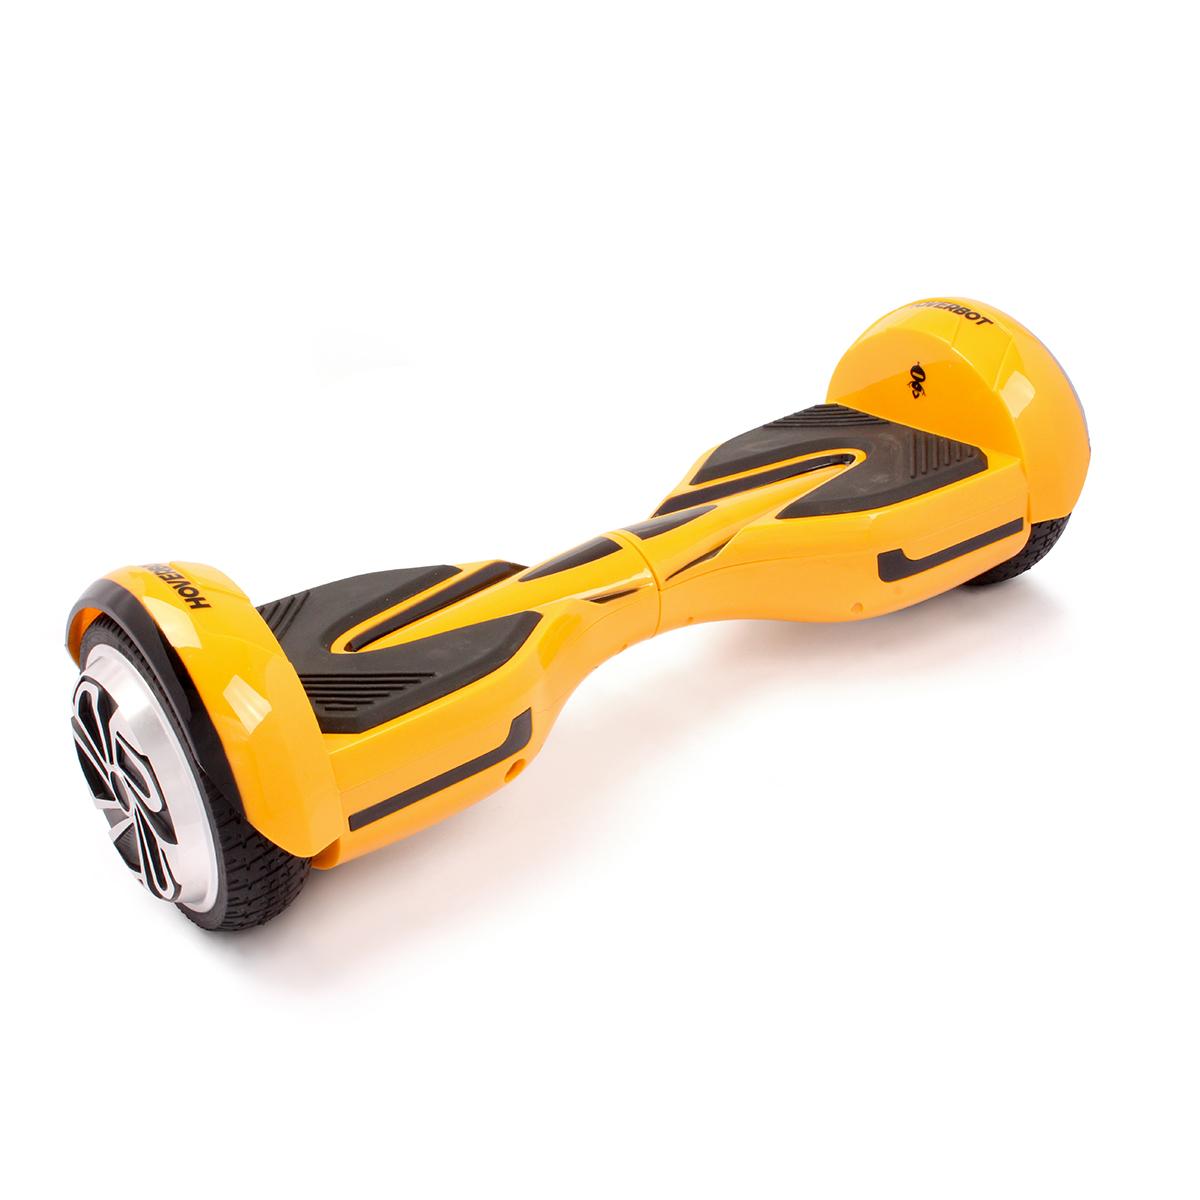 Гироскутер Hoverbot A-12 (H-2), цвет: желтыйGA12YWГироскутер Hoverbot A12 имеет современный спортивный дизайн, который располагает к быстрой езде. Данная модель отлично подойдёт для опытных пользователей. Устройство по праву занимает одно из достойных мест в классе 6,5 колёс. Имея большой запас хода и мощный мотор (2х400W) Hoverbot A12, бесшумно преодолевает расстояние в 15 км на одном заряде батареи. Хорошее сцепление с дорогой и устойчивый ход борда A12 позволяет опытным райдерам быстро набирать скорость и успешно маневрировать даже в самых экстремальных ситуациях. Покупая Hoverbot A12 вы покупаете не только средство для развлечения, но и универсальное средство передвижения, которое можно легко брать с собой в дорогу, поскольку он компактен и помещается в любую машину. Благодаря своему небольшому весу (10 кг) вы легко можете взять его в руки за центральную часть борда и перенести через препятствие, продолжить свой путь в автобусе, либо в метро. Hoverbot А12 оснащён передними ходовыми огнями и габаритами сзади. Вся подсветка...